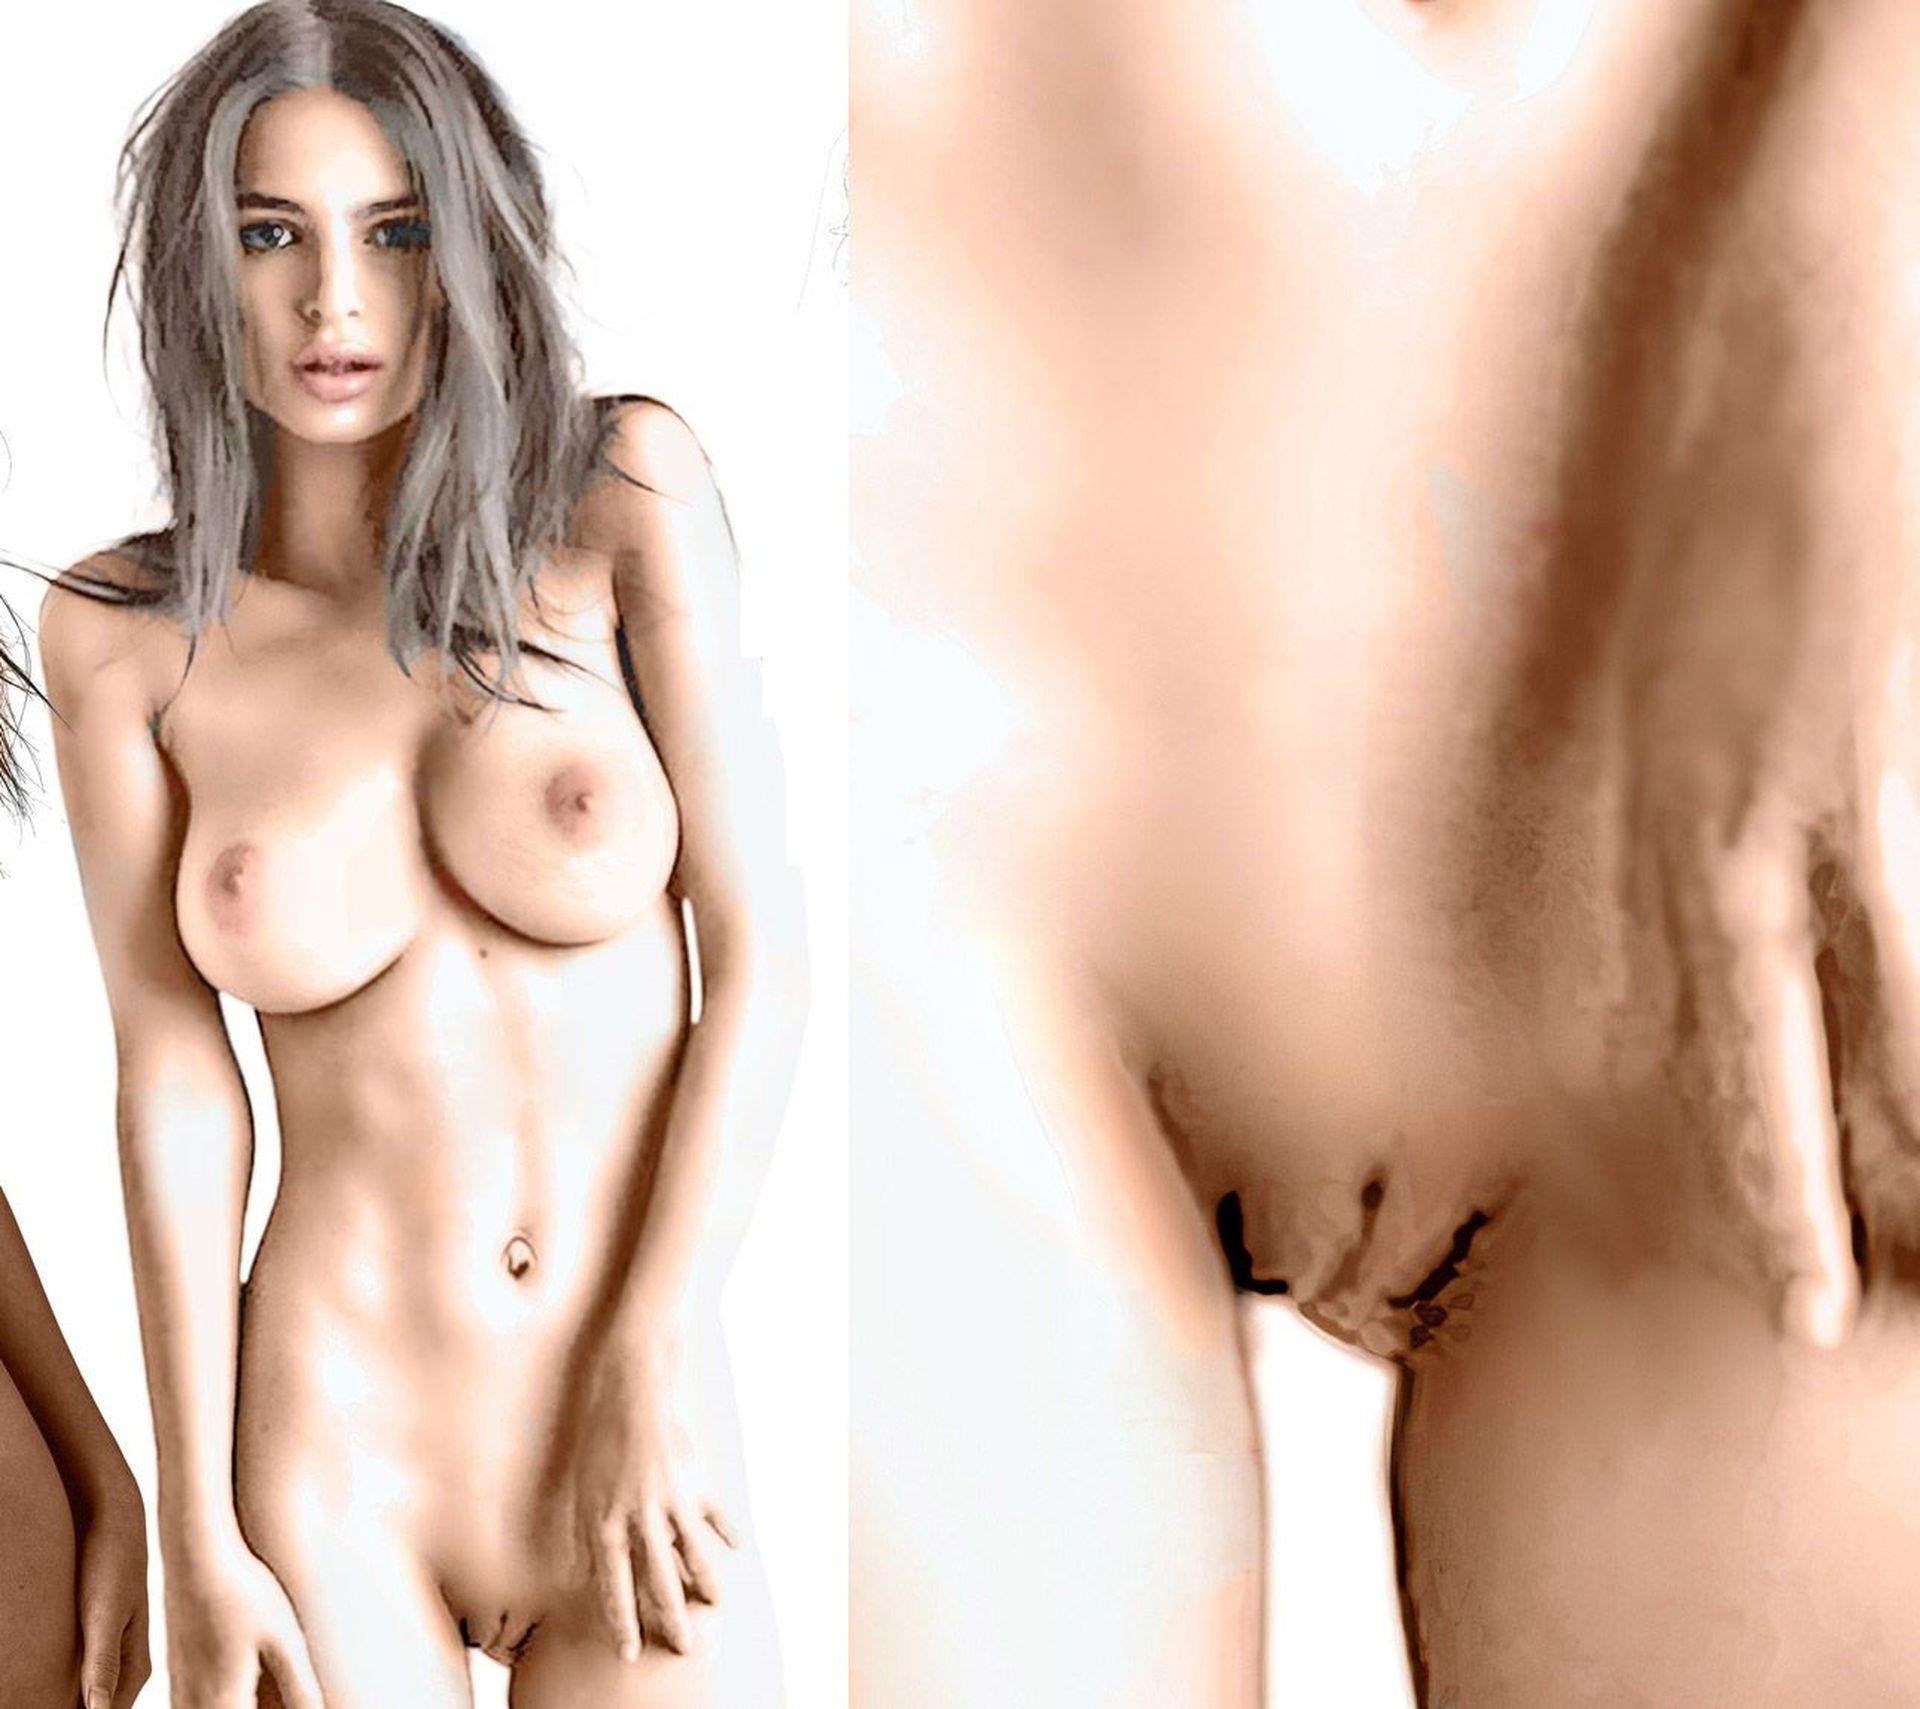 Emily Ratajkowski Nude Collection Of Leaked Explicit Photos Unpublished